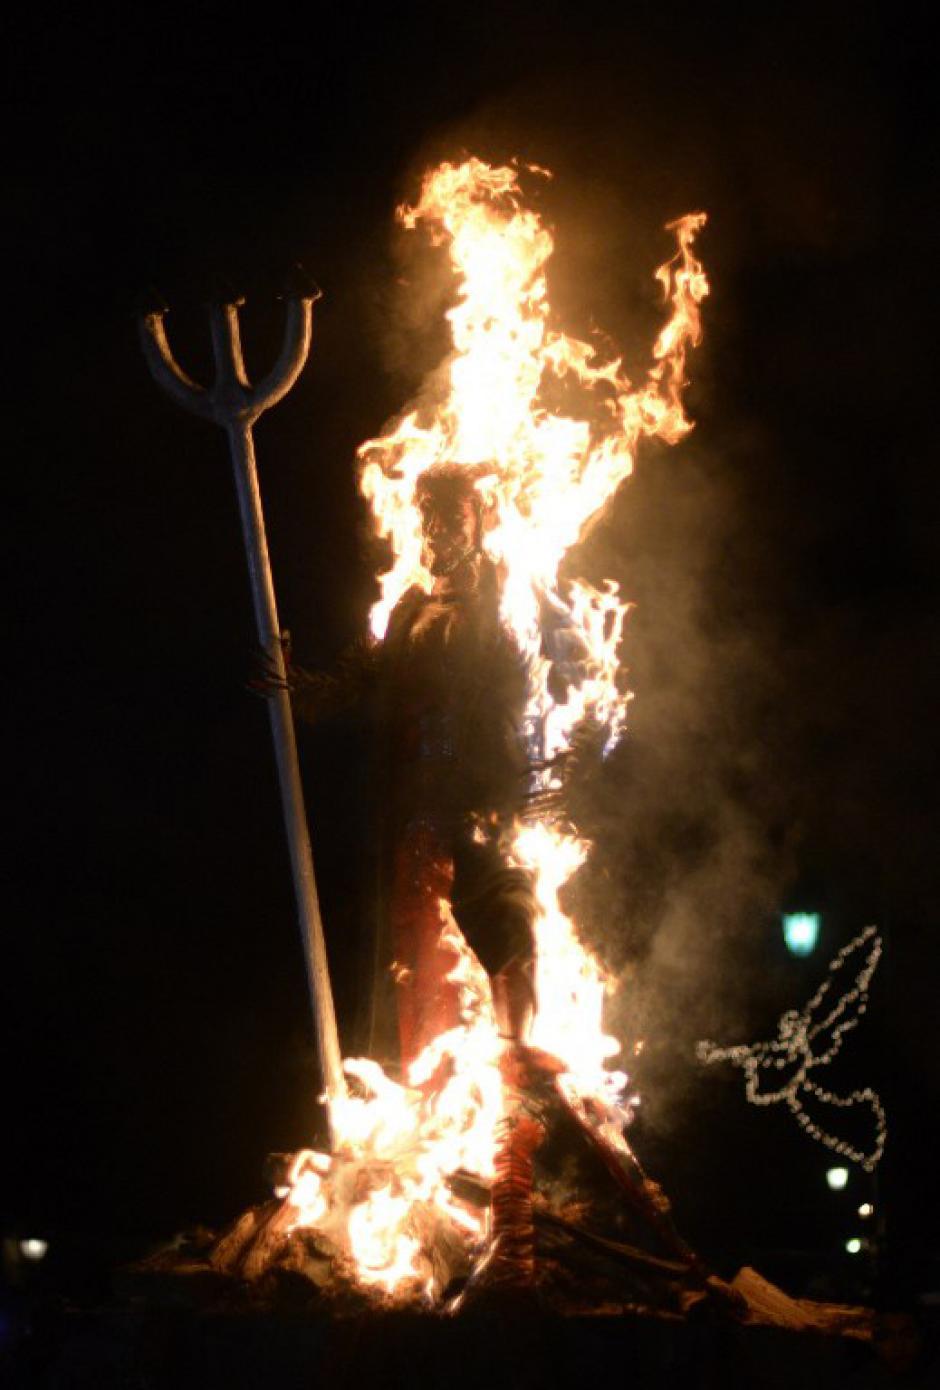 El tradicional Diablo fue quemado en Antigua Guatemala. (Foto: AFP/Johan Ordoñez)